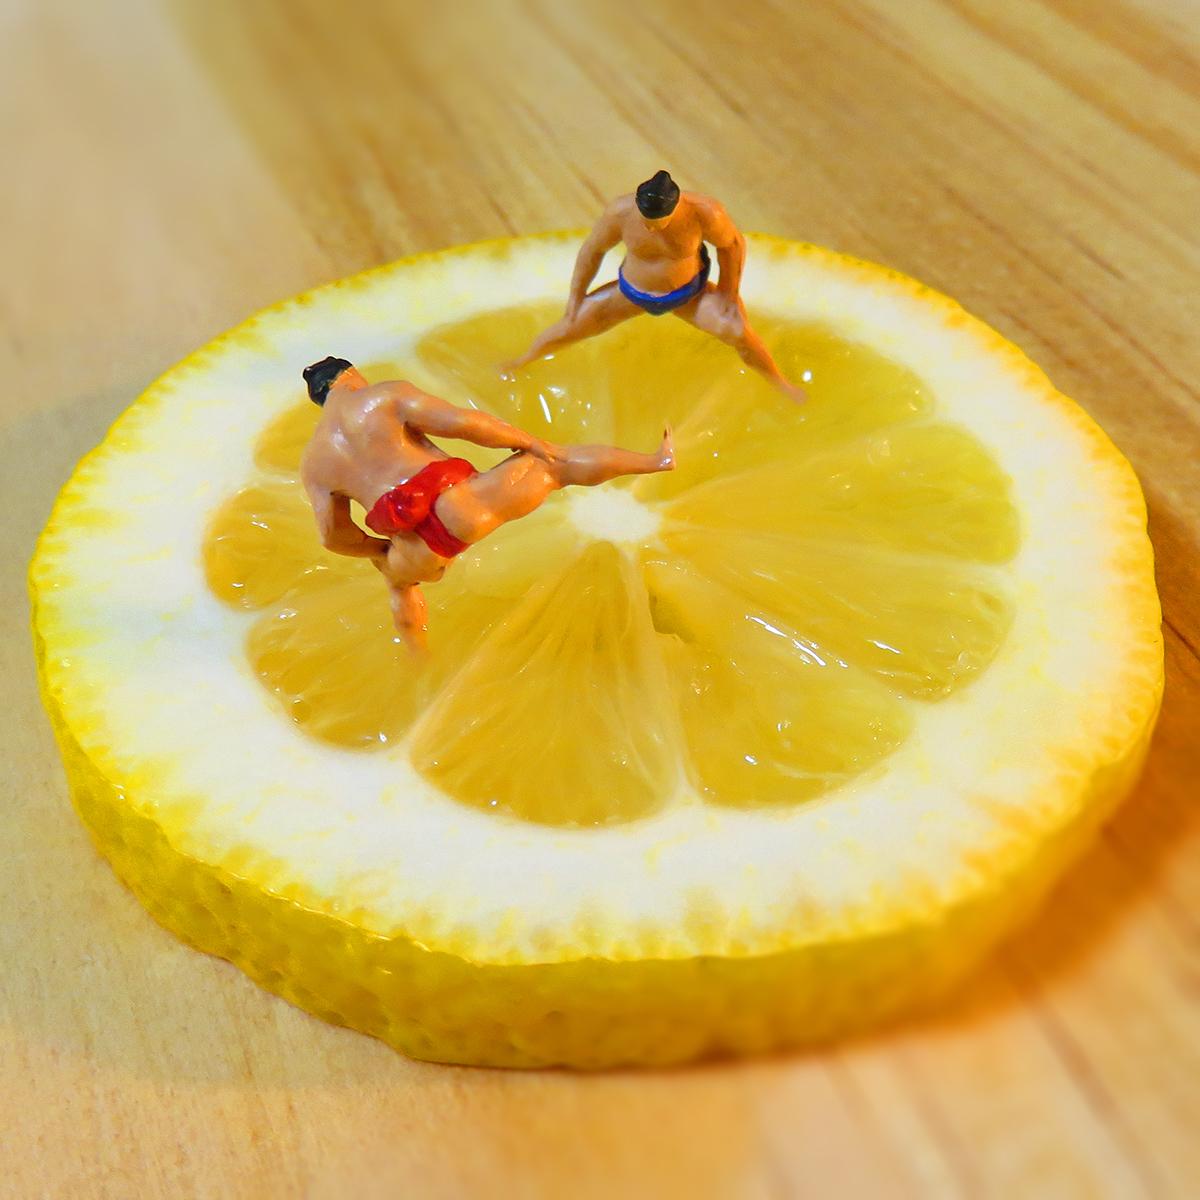 10月5日はレモンの日!レモン土俵で稽古するお相撲さん